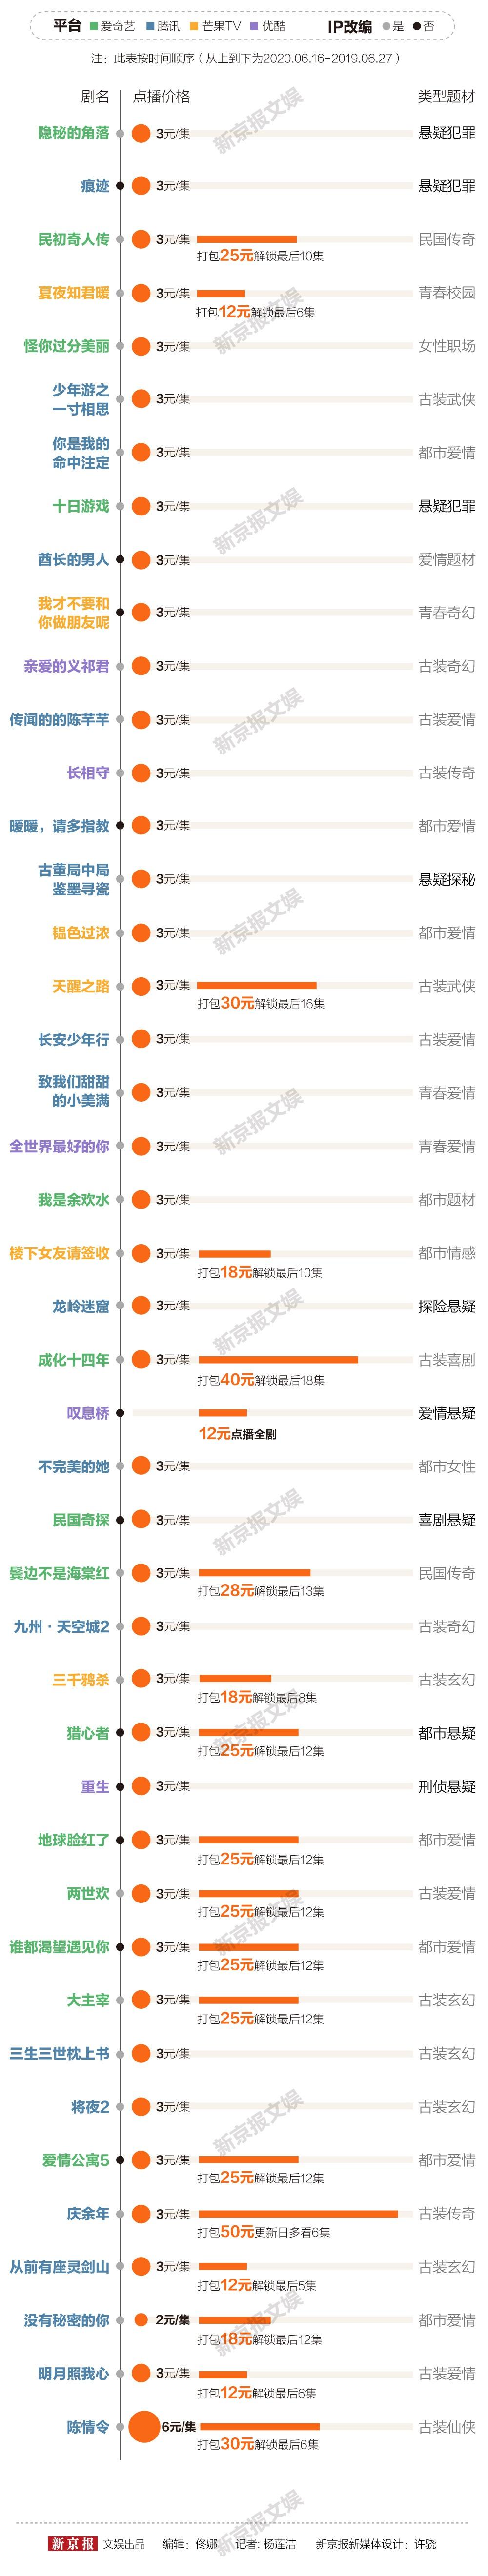 江苏兴化民办高中被曝开学乱收费 市场监管局:已调查处理